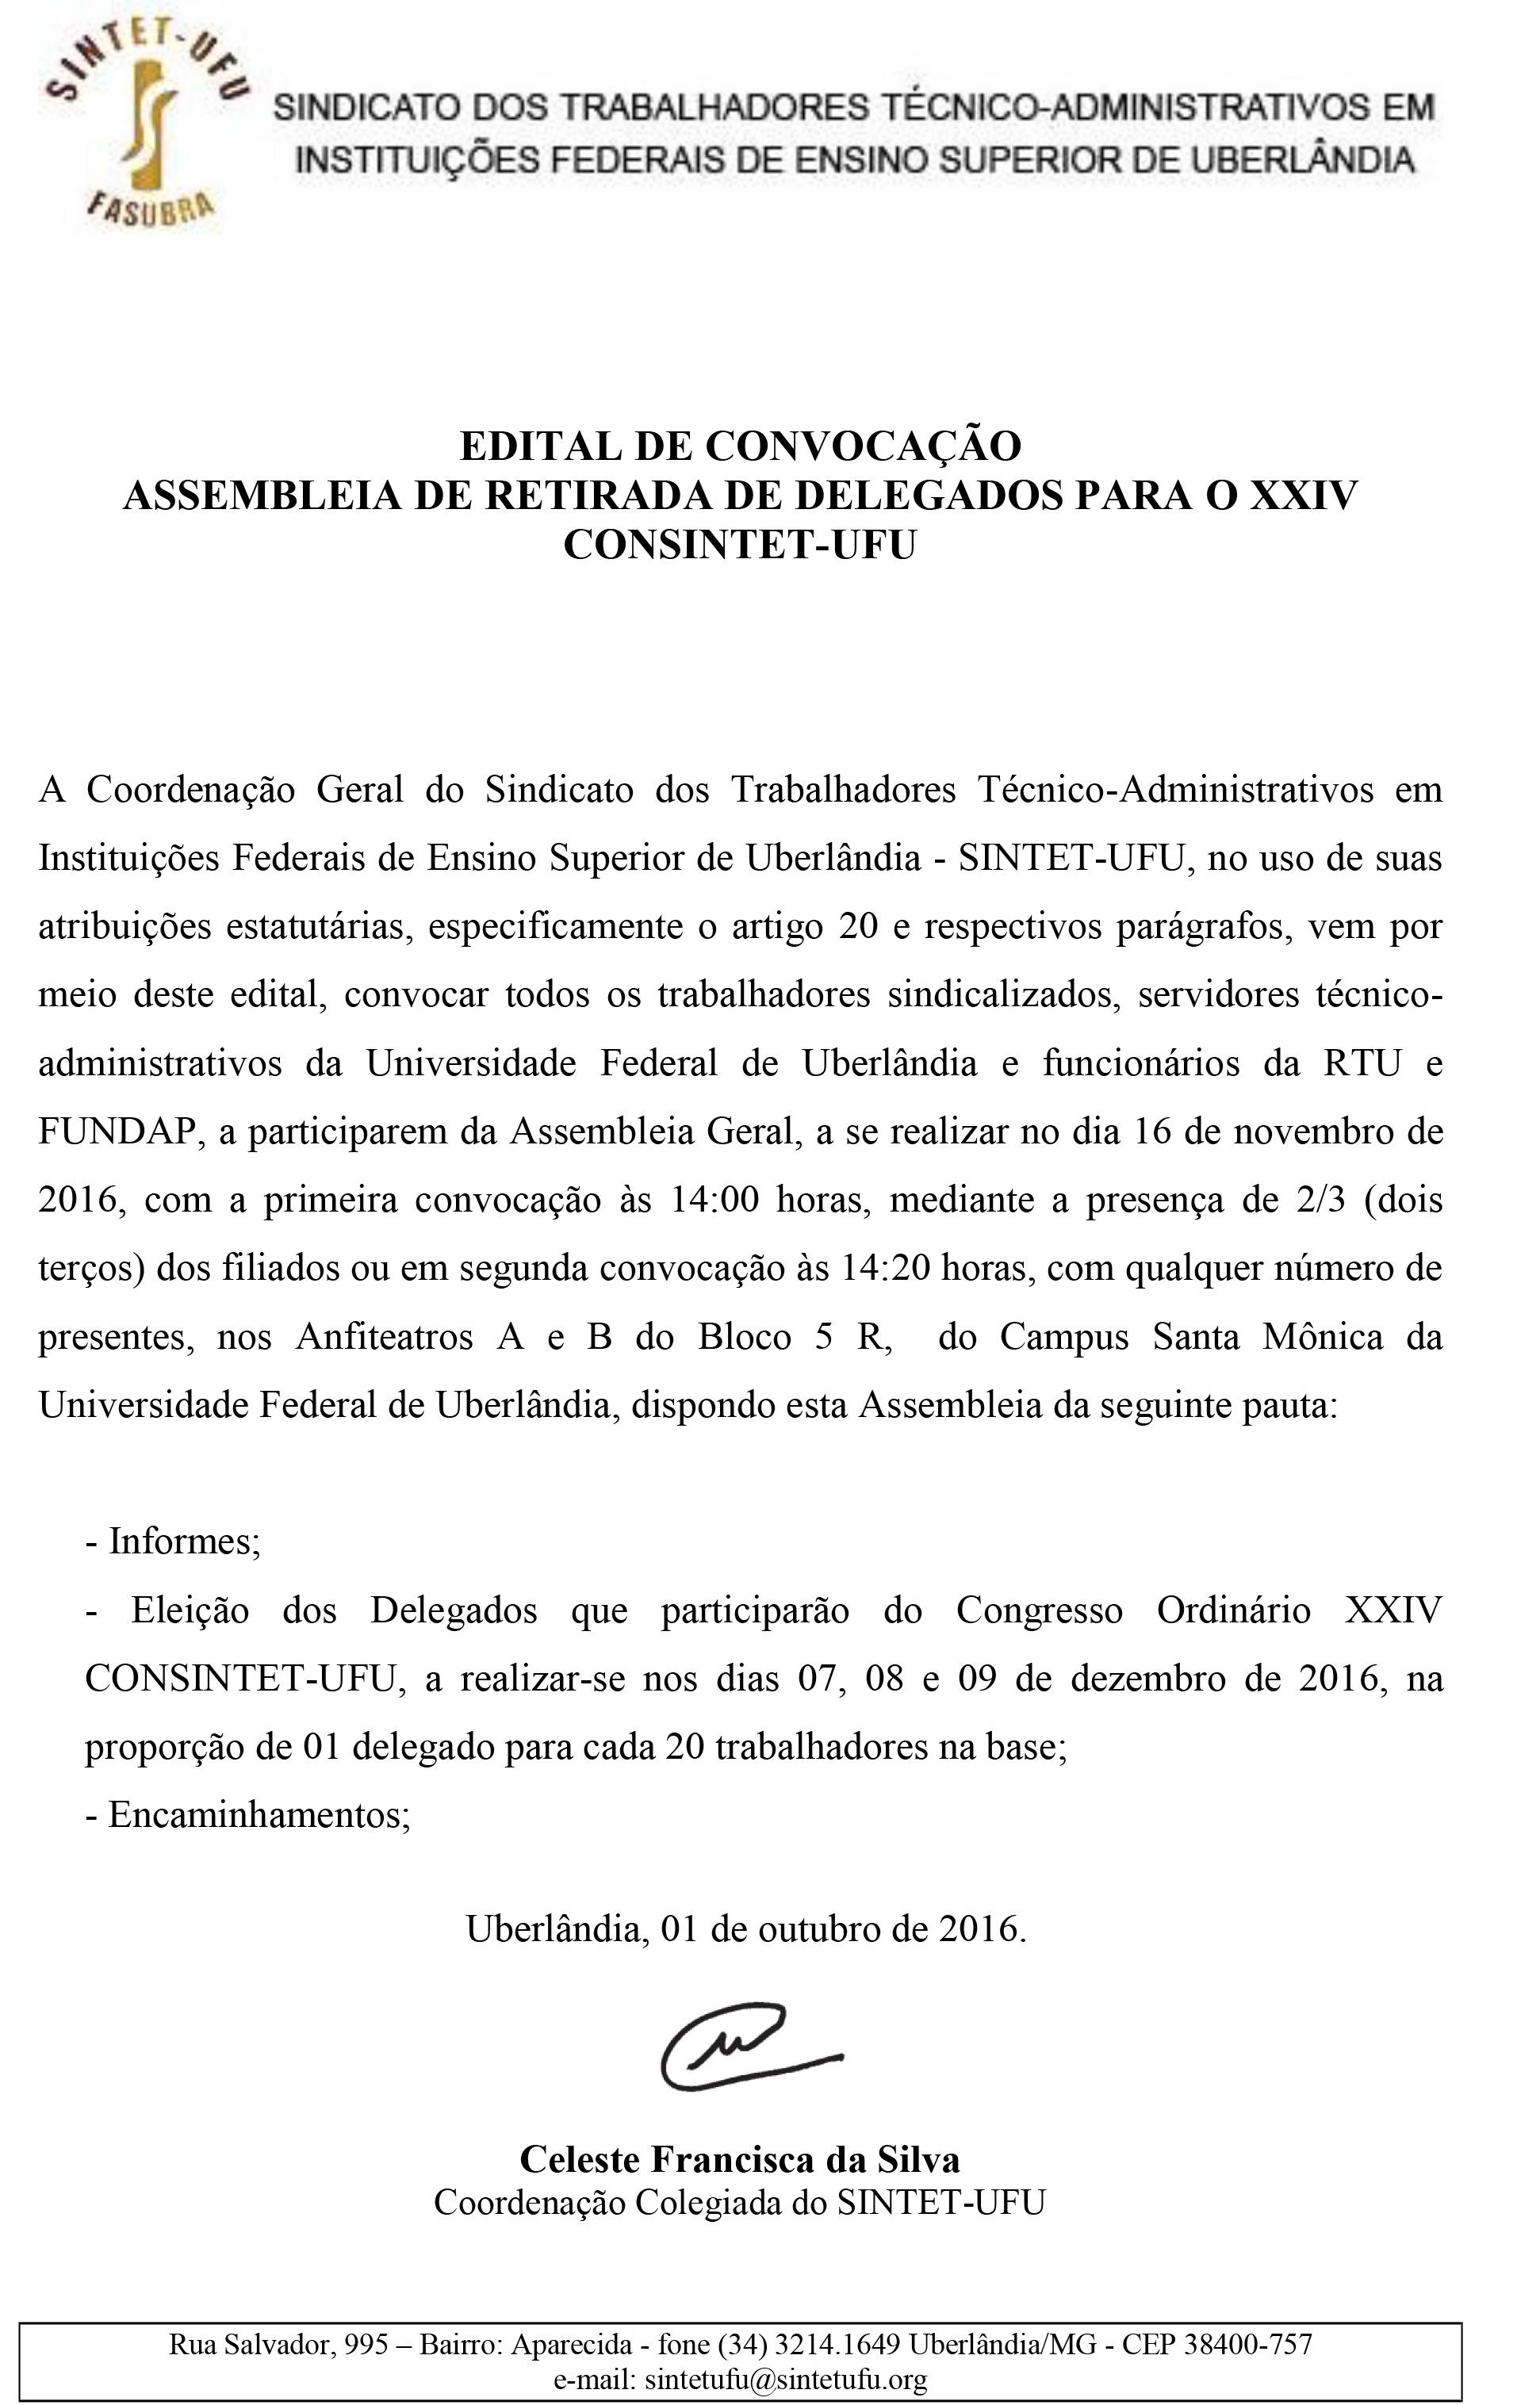 edital-assembleia-retirada-de-delegados-2016-xxiv-consintet